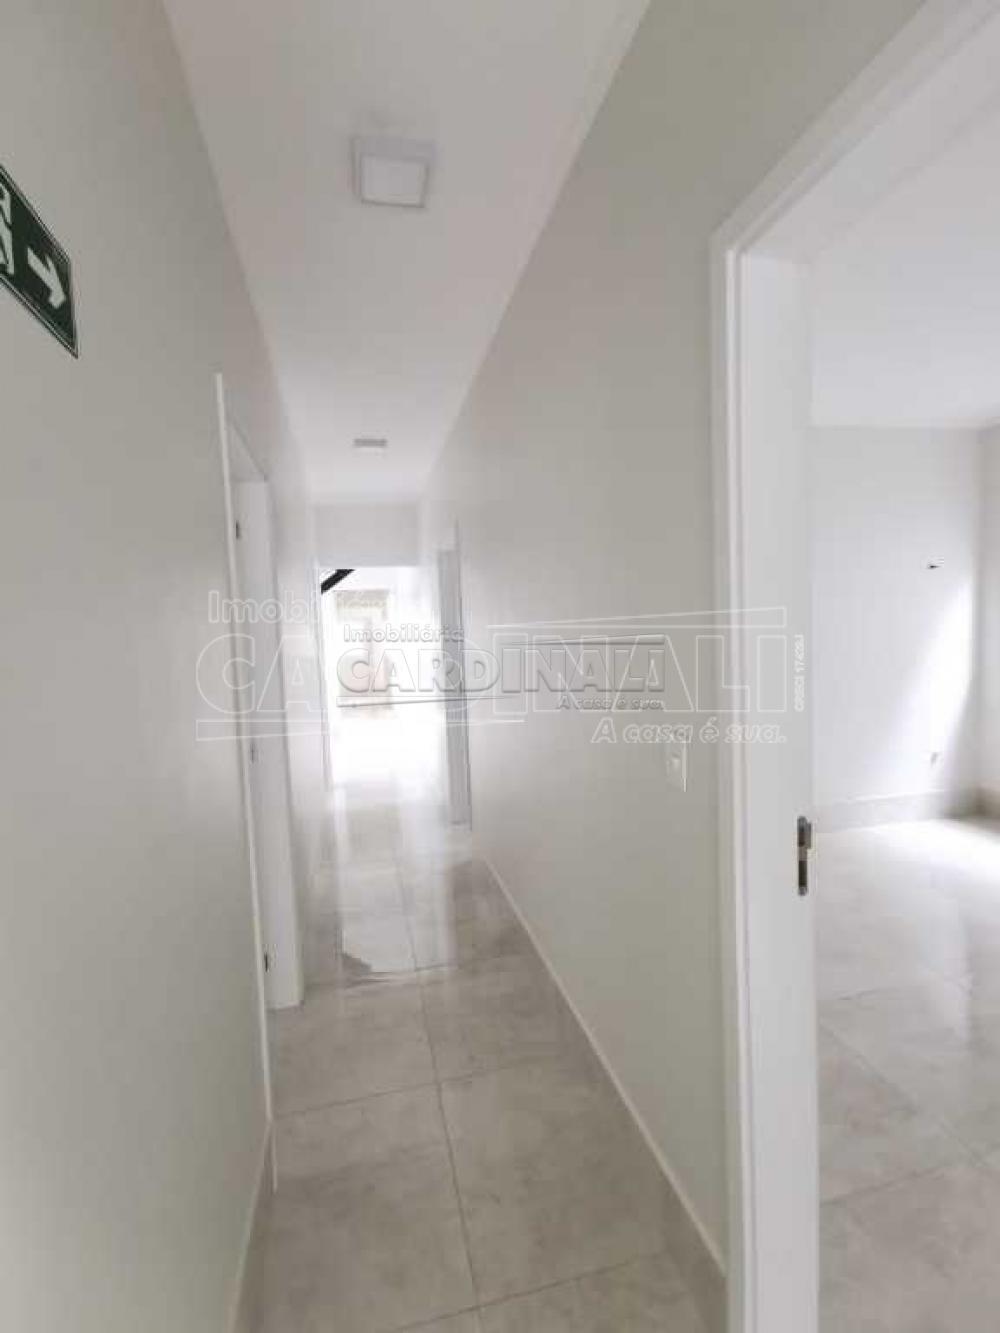 Alugar Comercial / Sala sem Condomínio em Araraquara apenas R$ 1.000,00 - Foto 11